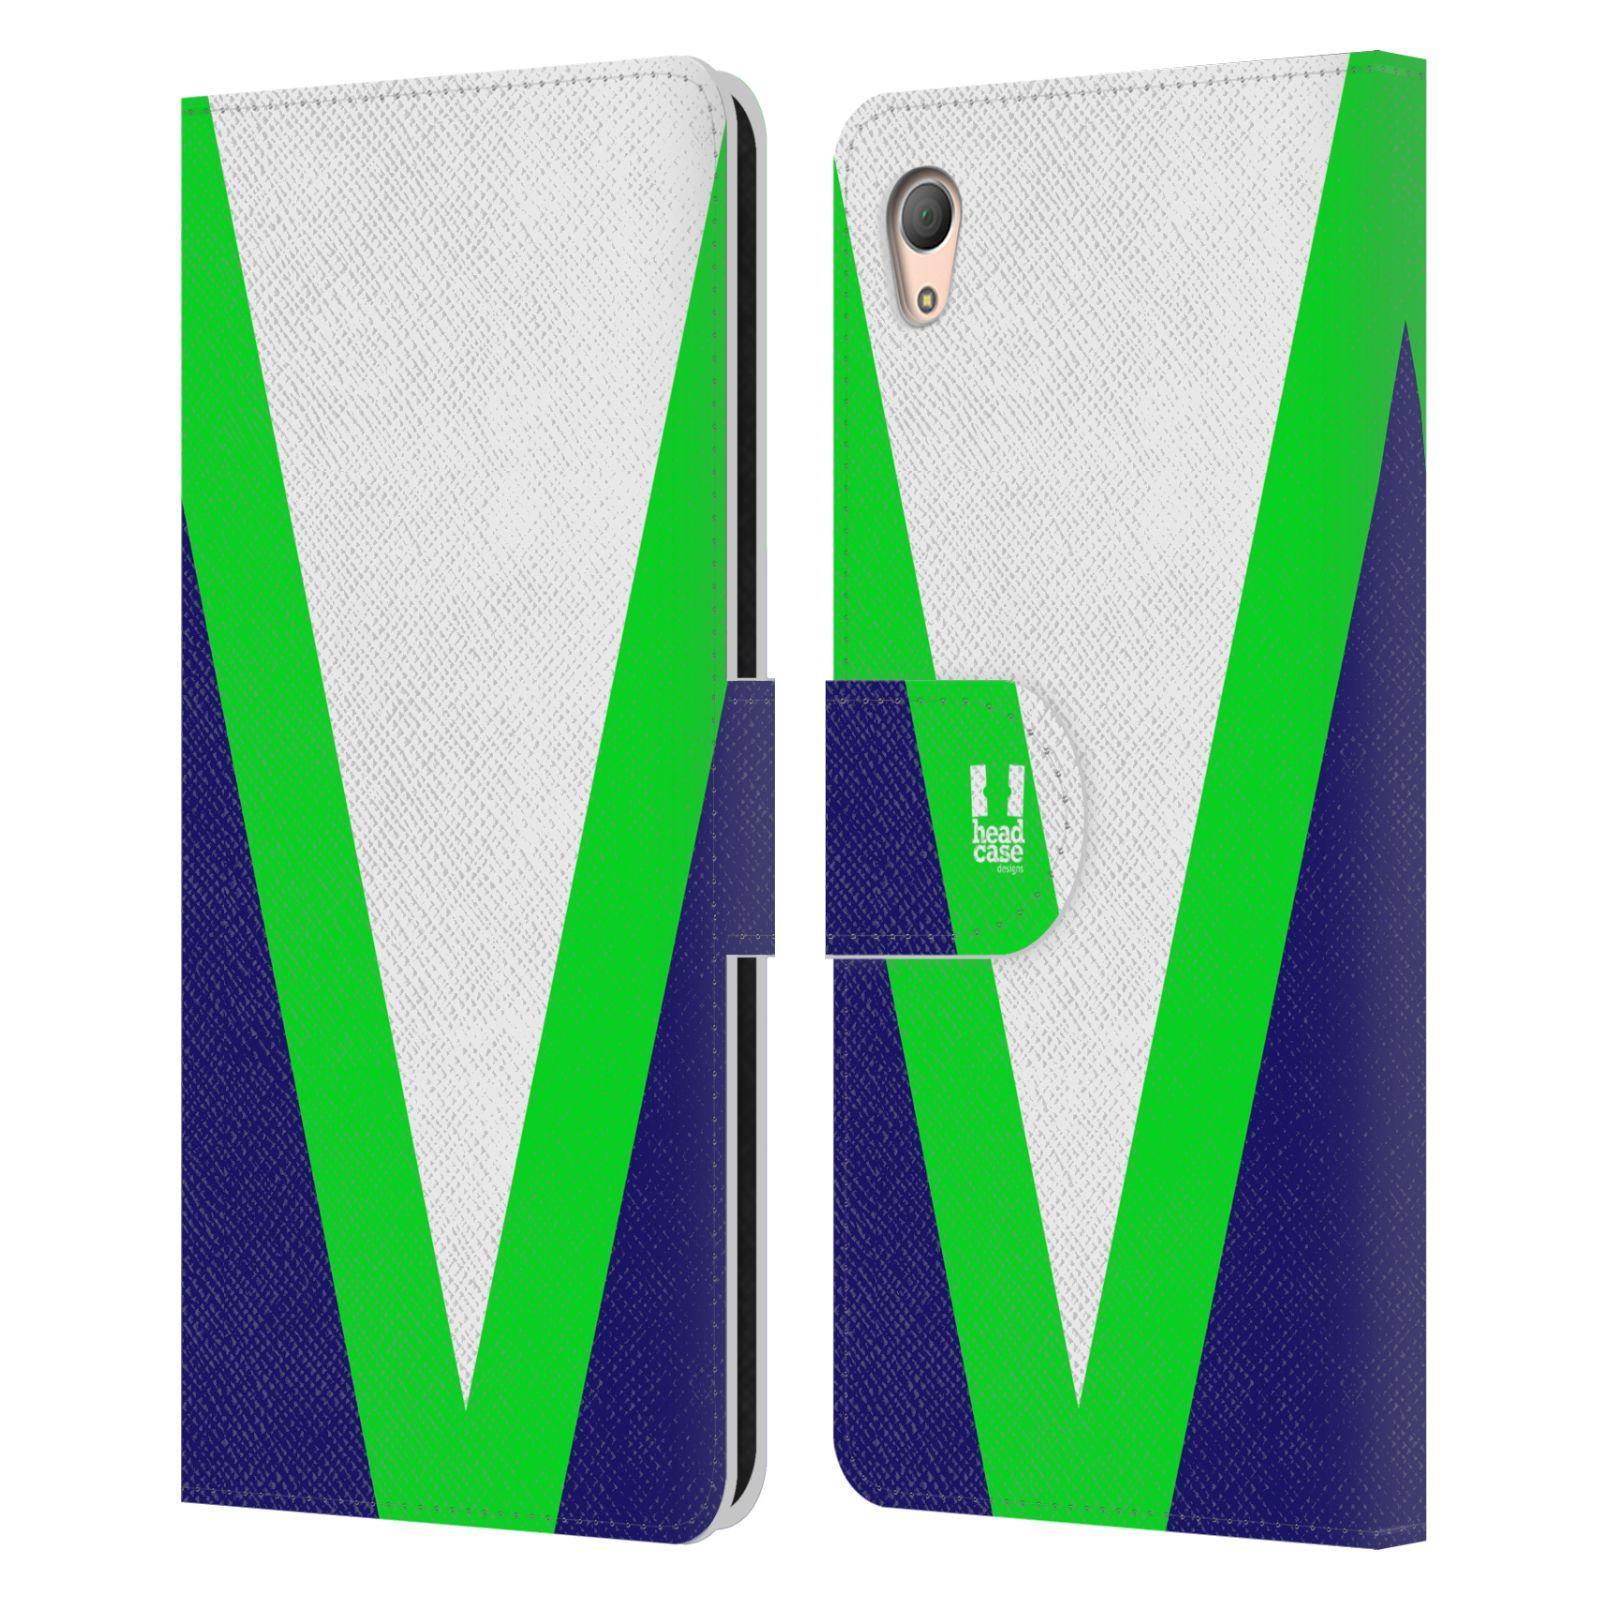 HEAD CASE Flipové pouzdro pro mobil SONY XPERIA Z3+(Z3 PLUS) barevné tvary zelená a modrá